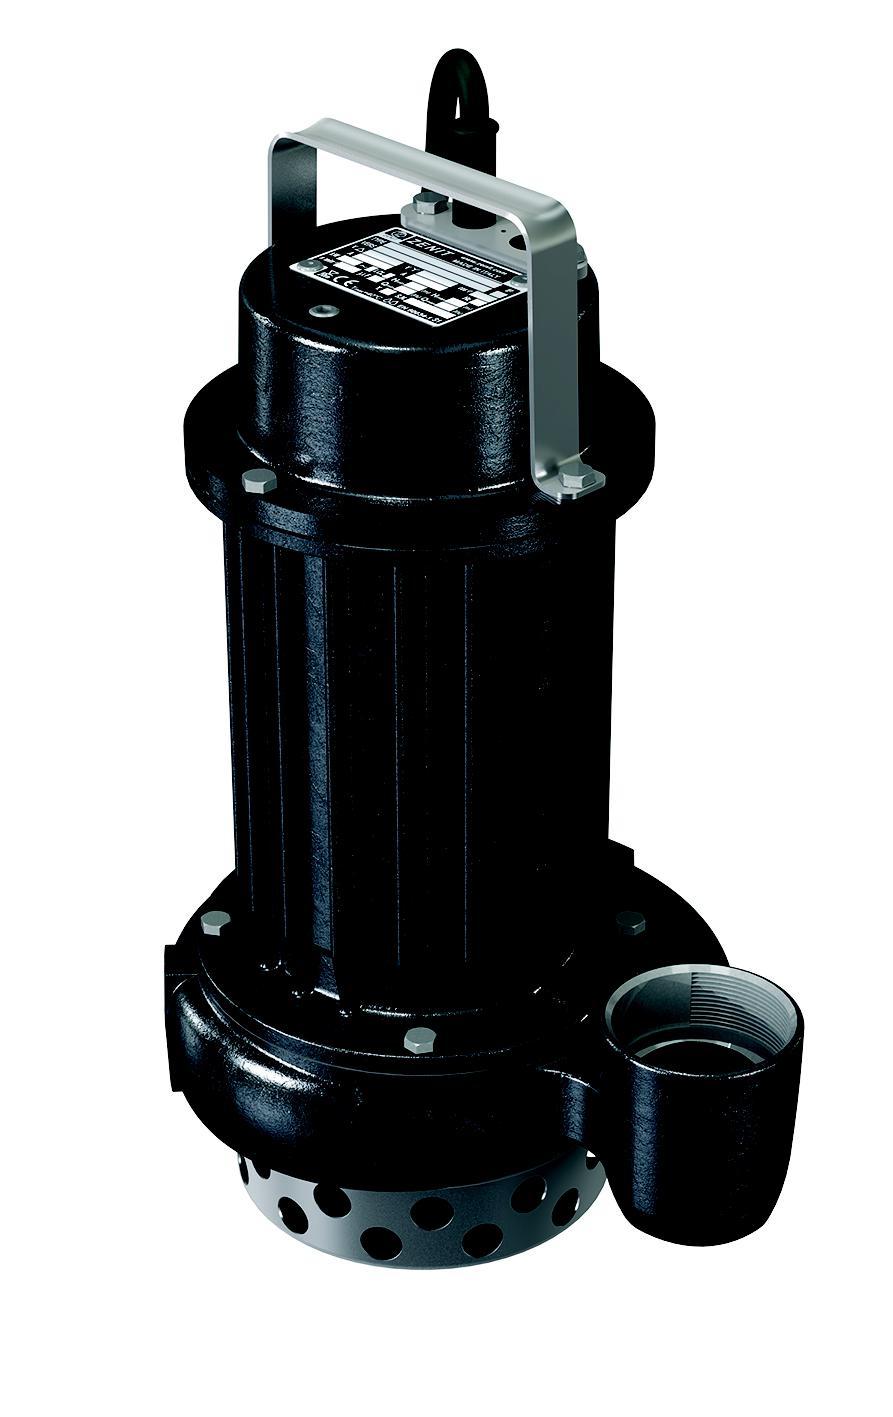 Насос Zenit Dro 200/2/g50v a0cm5 nc q tcsgt e-sical 05 насос zenit grs 100 2 g40h a0cm5 nc q tcdgt e sicm 10